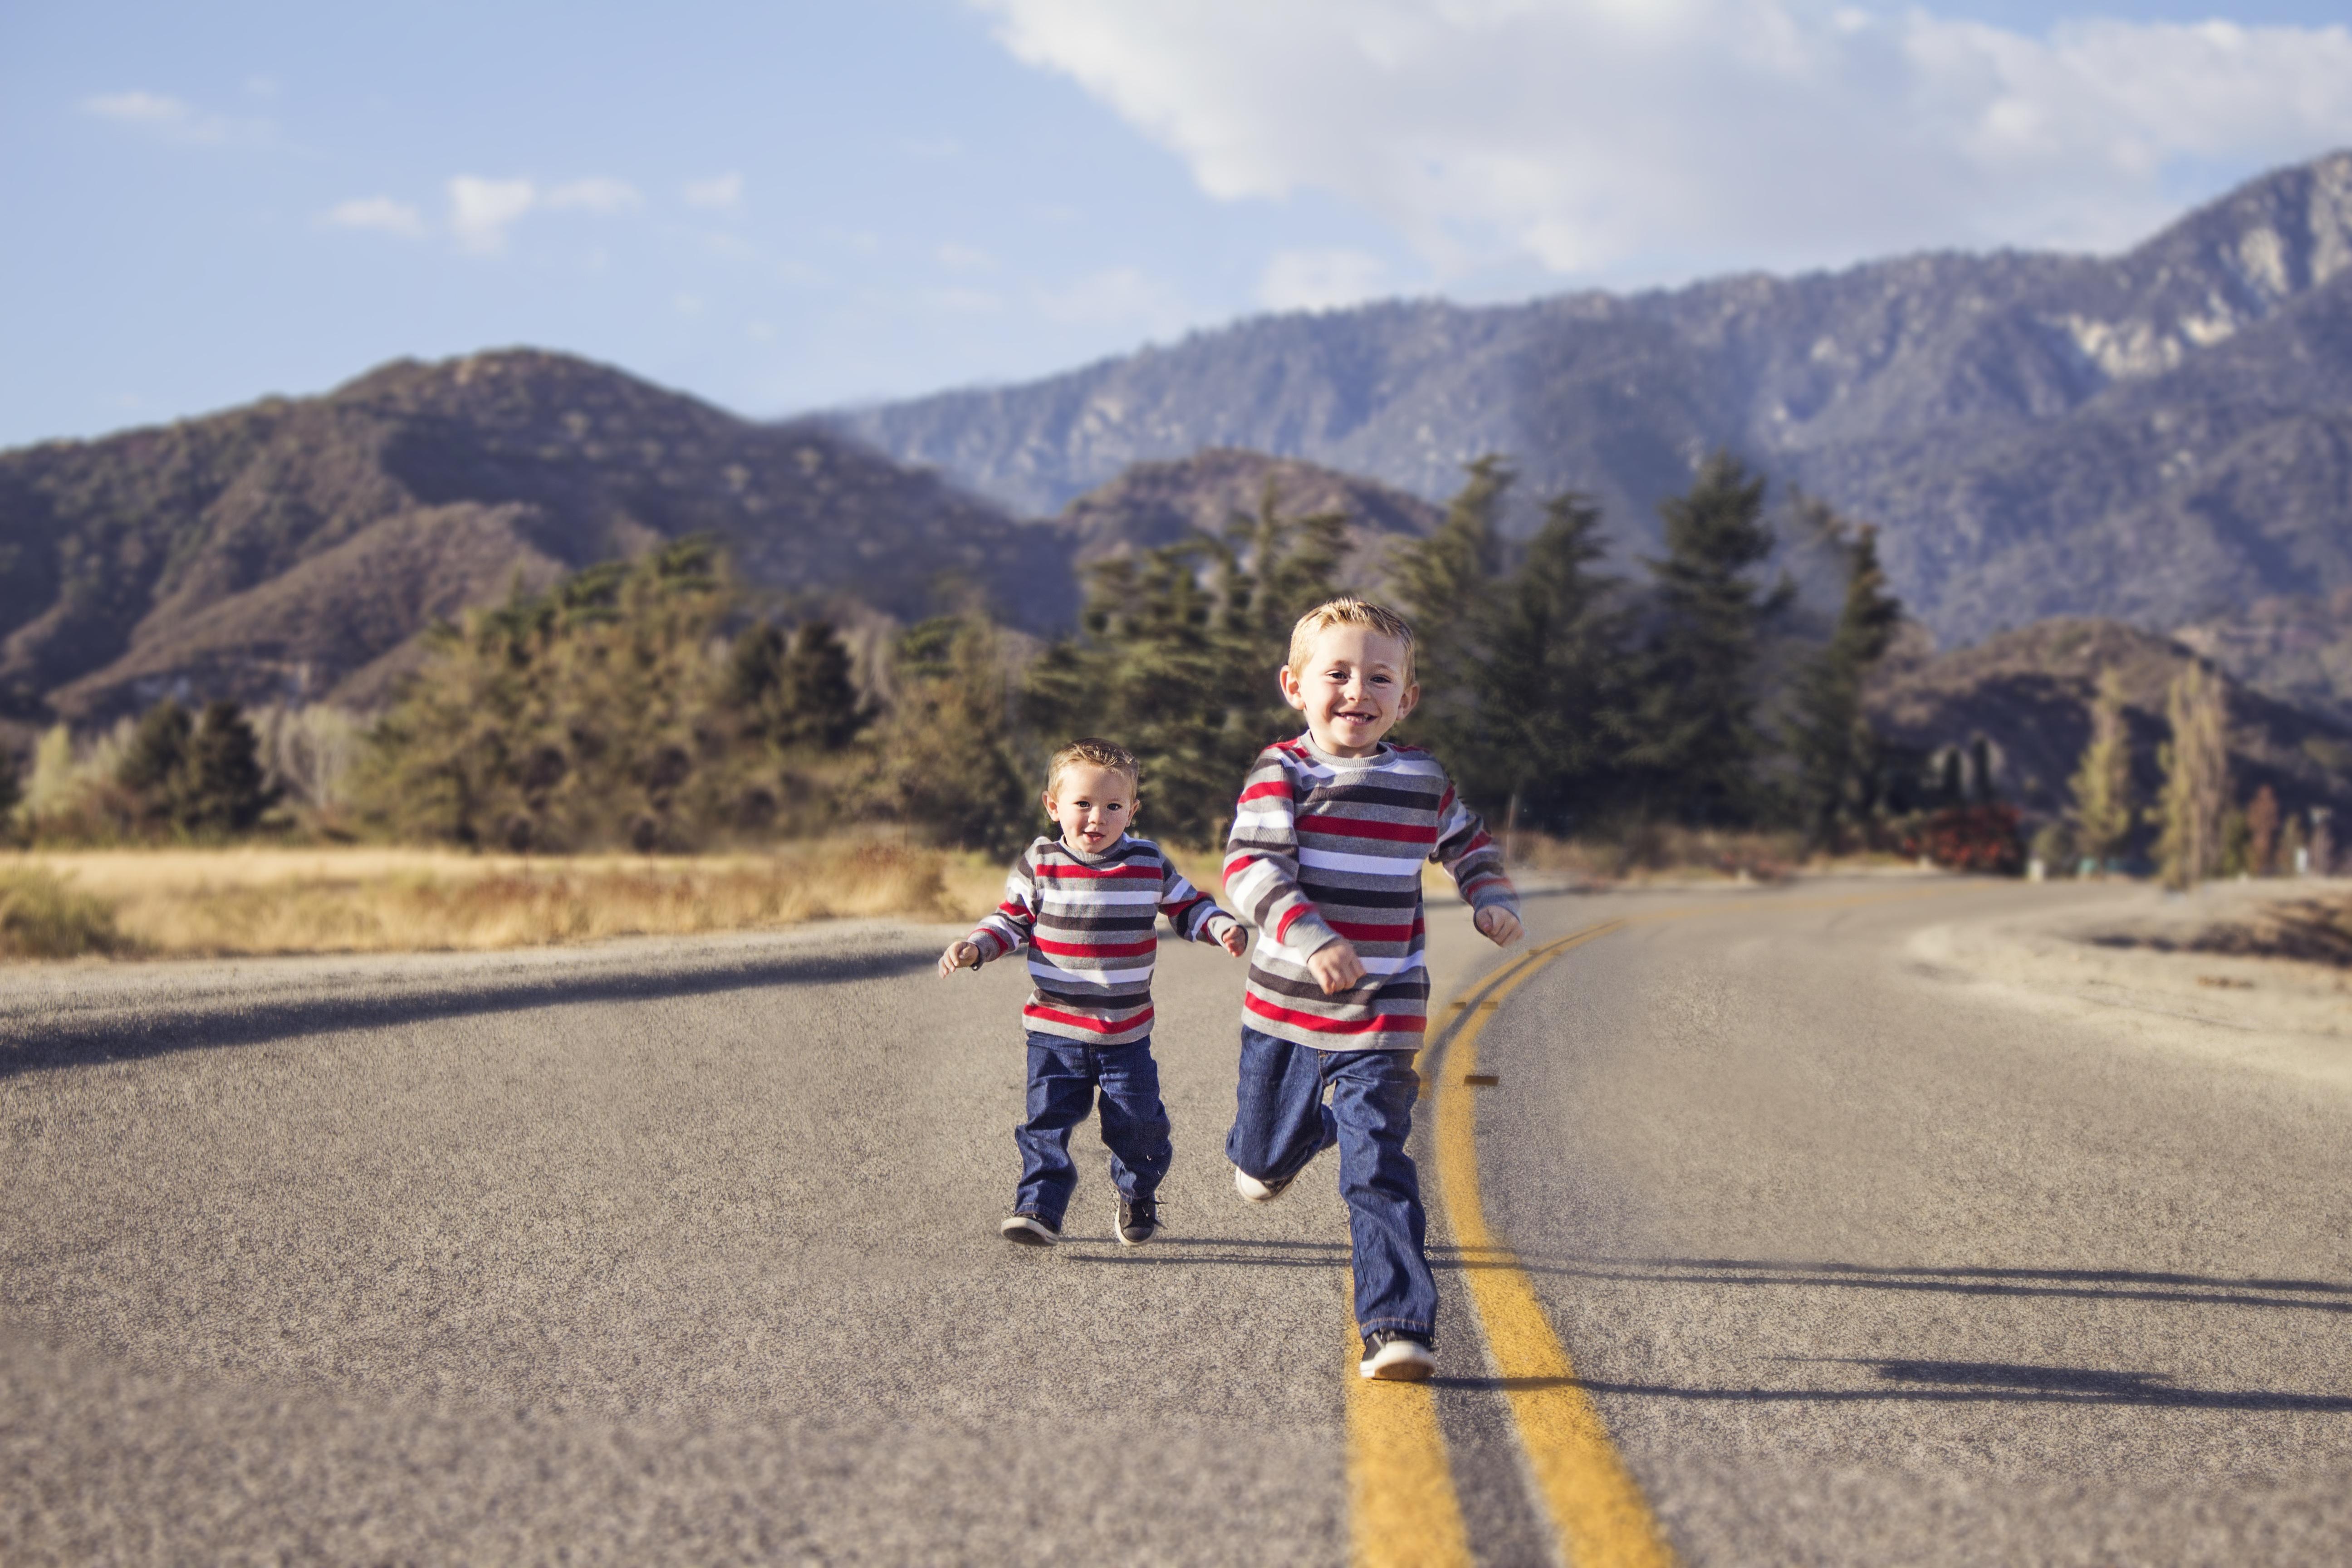 провод картинки детки на дороге прядь оттягивается вниз